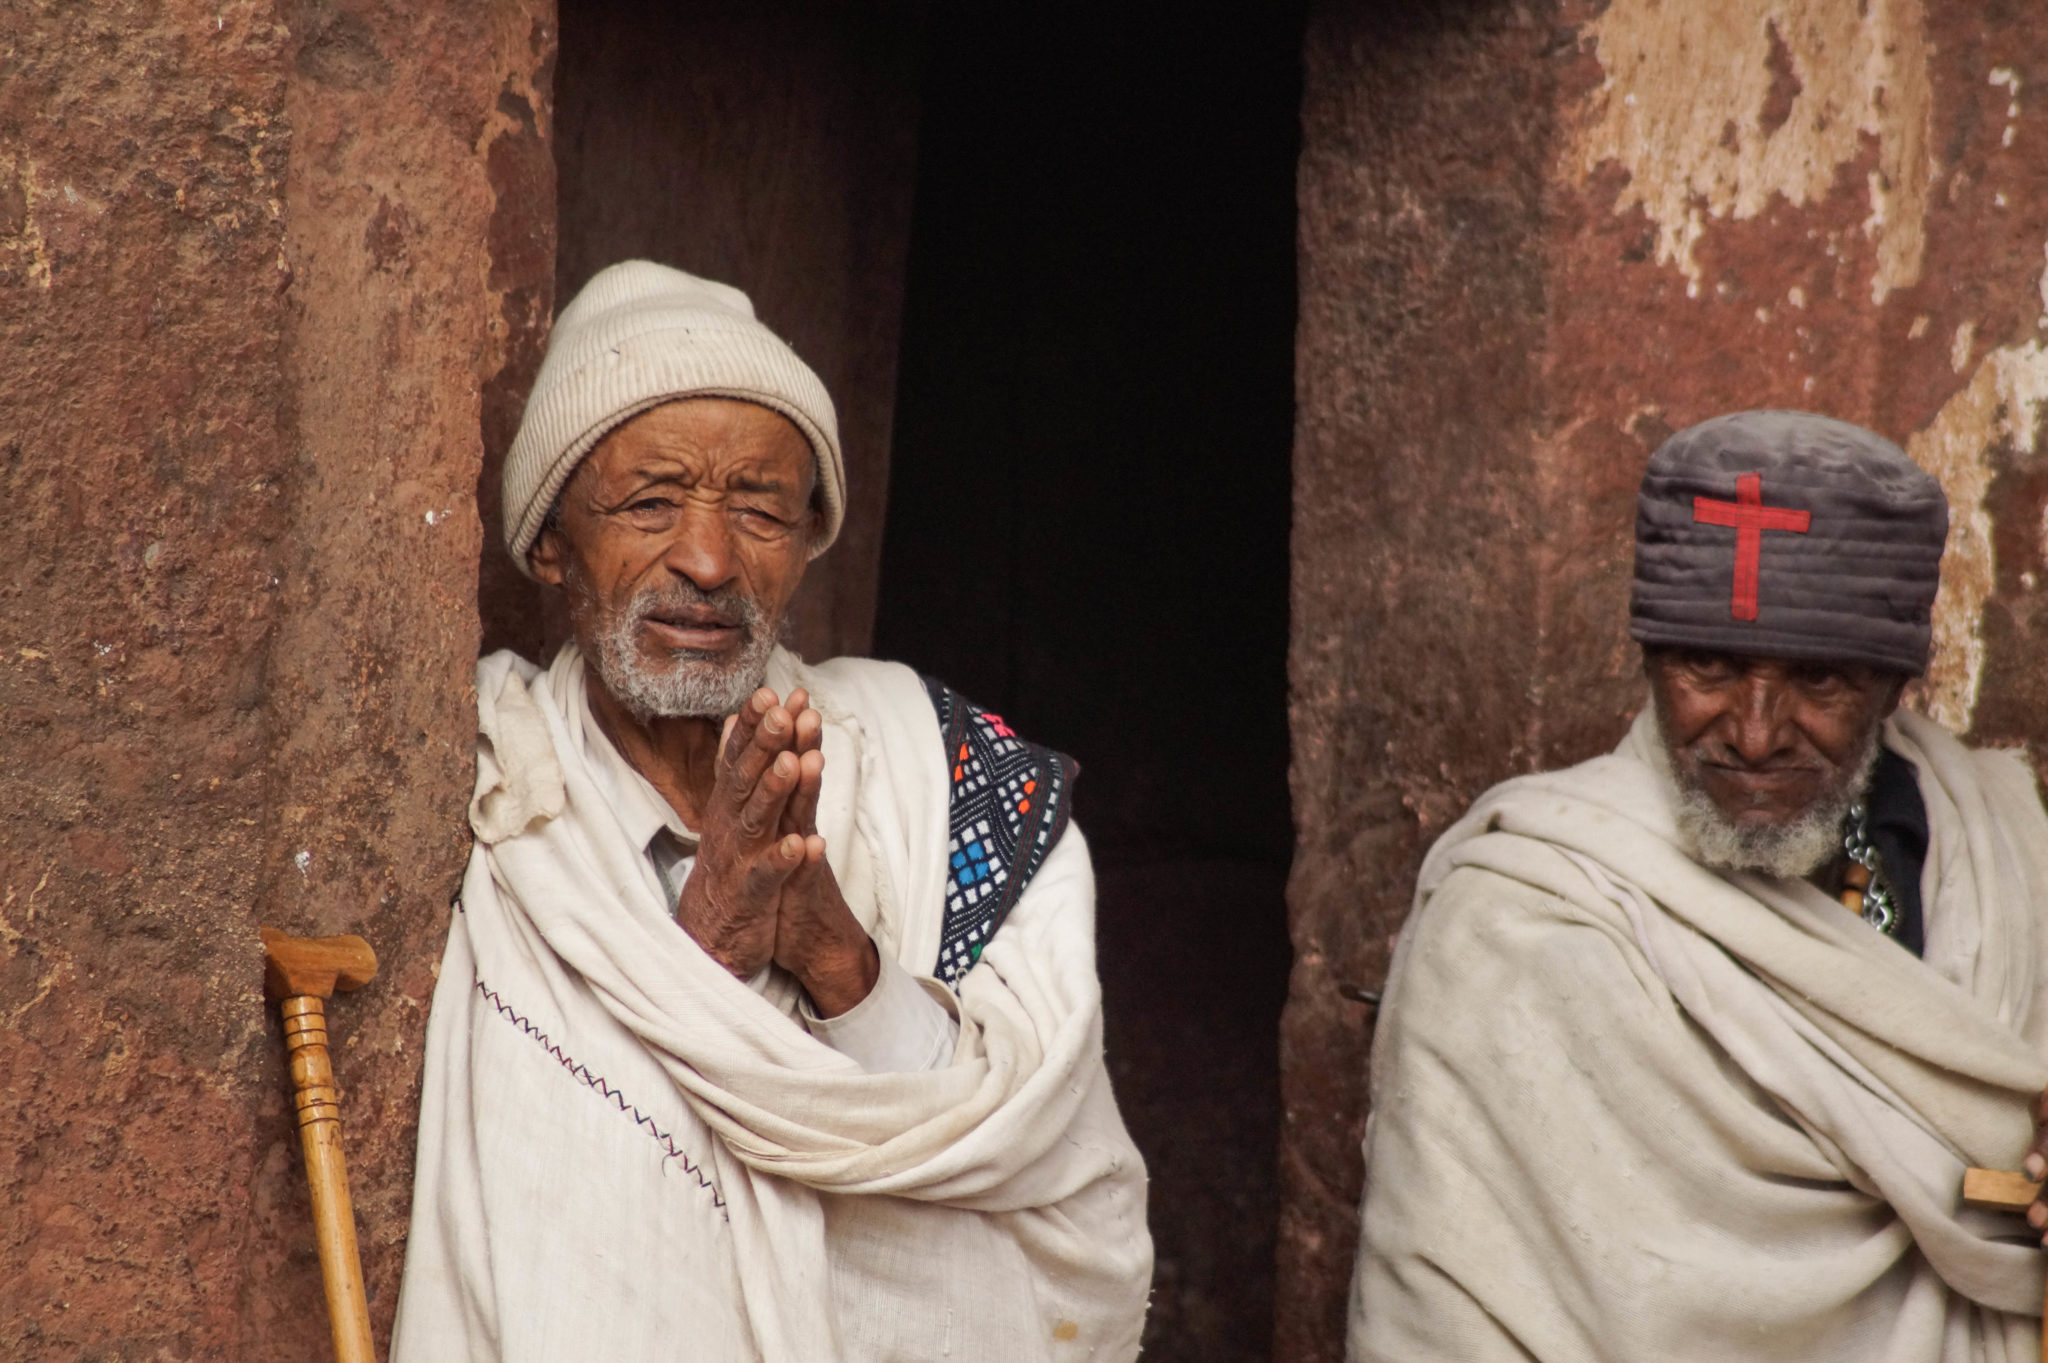 Äthiopien Norden: Die Felsenkirchen von Lalibela nehmen gut zwei Tage in Anspruch.